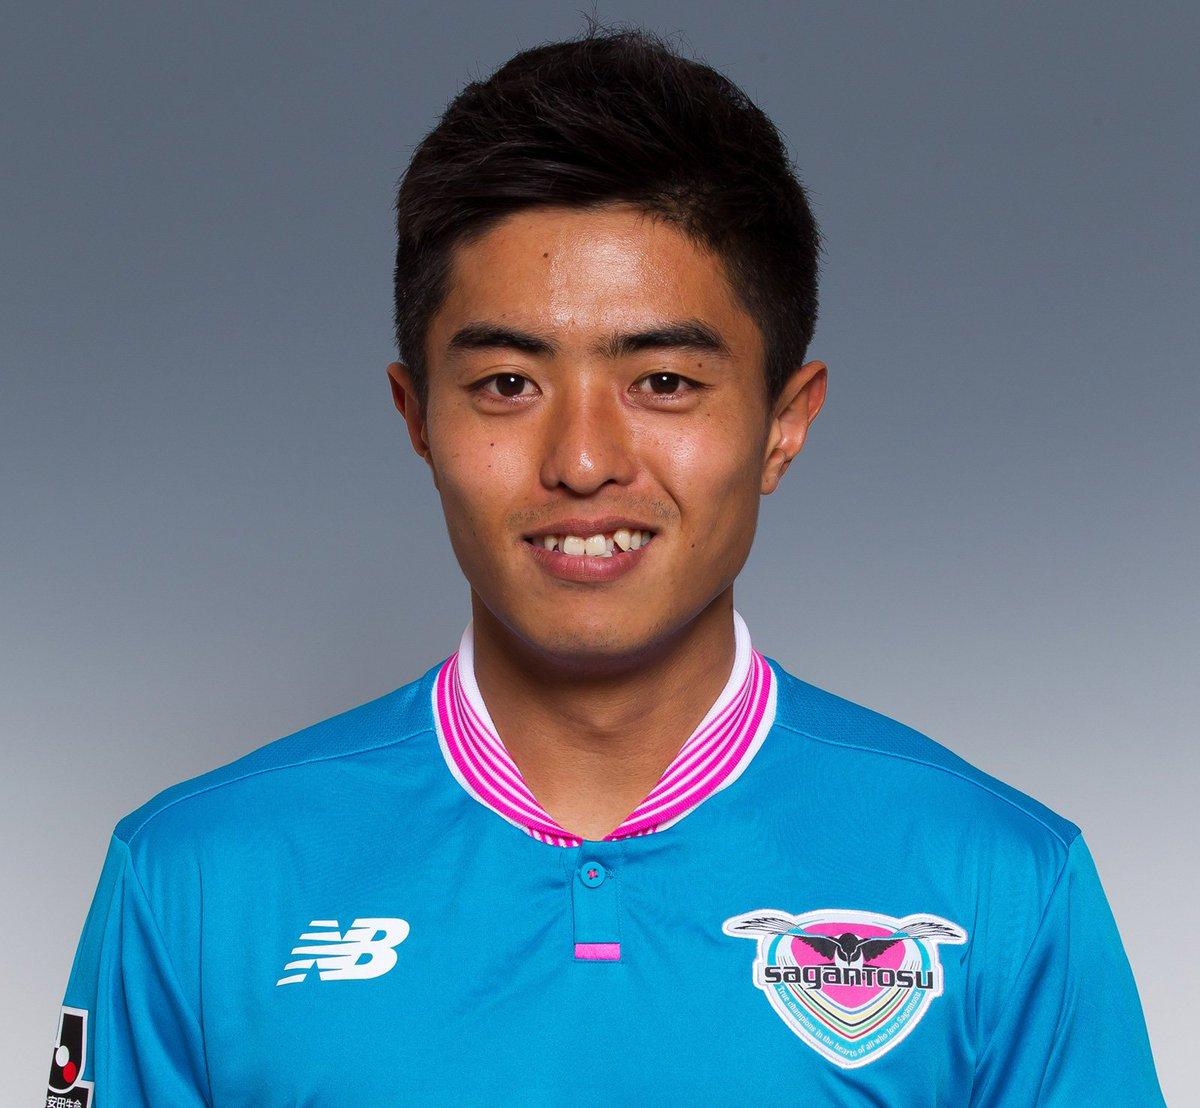 白星東選手 V・ファーレン長崎へ期限付き移籍のお知らせ #sagantosu sagan-tosu.…